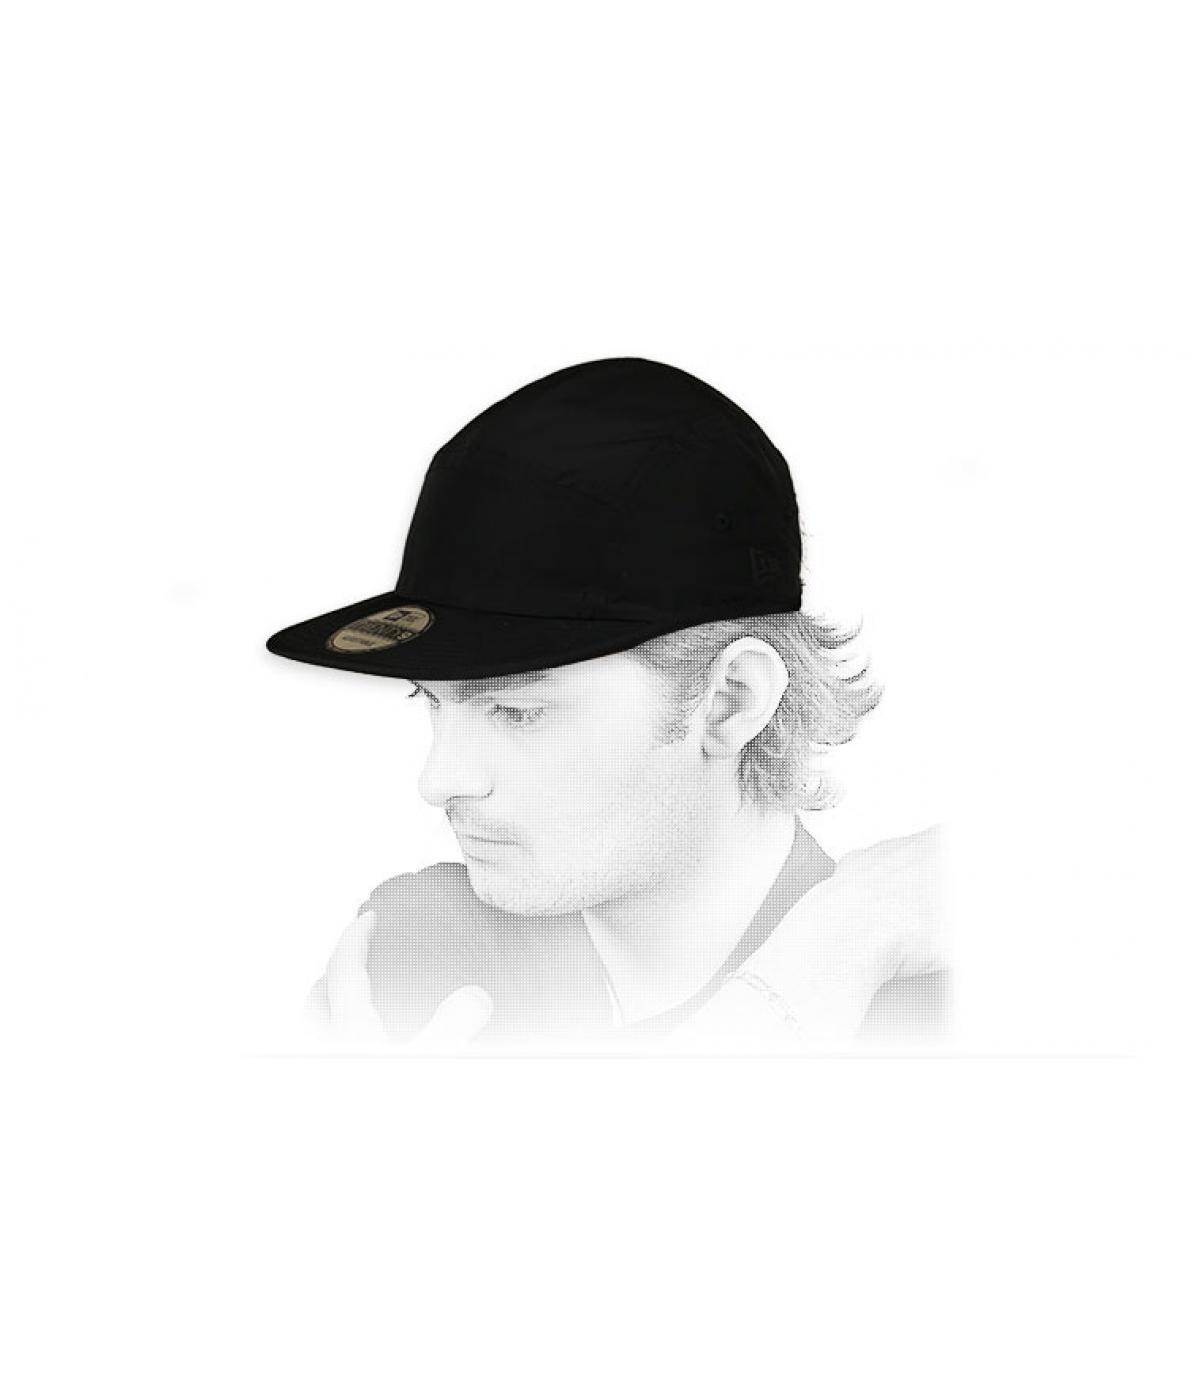 Cappellino pannello nero 5 pannelli New Era